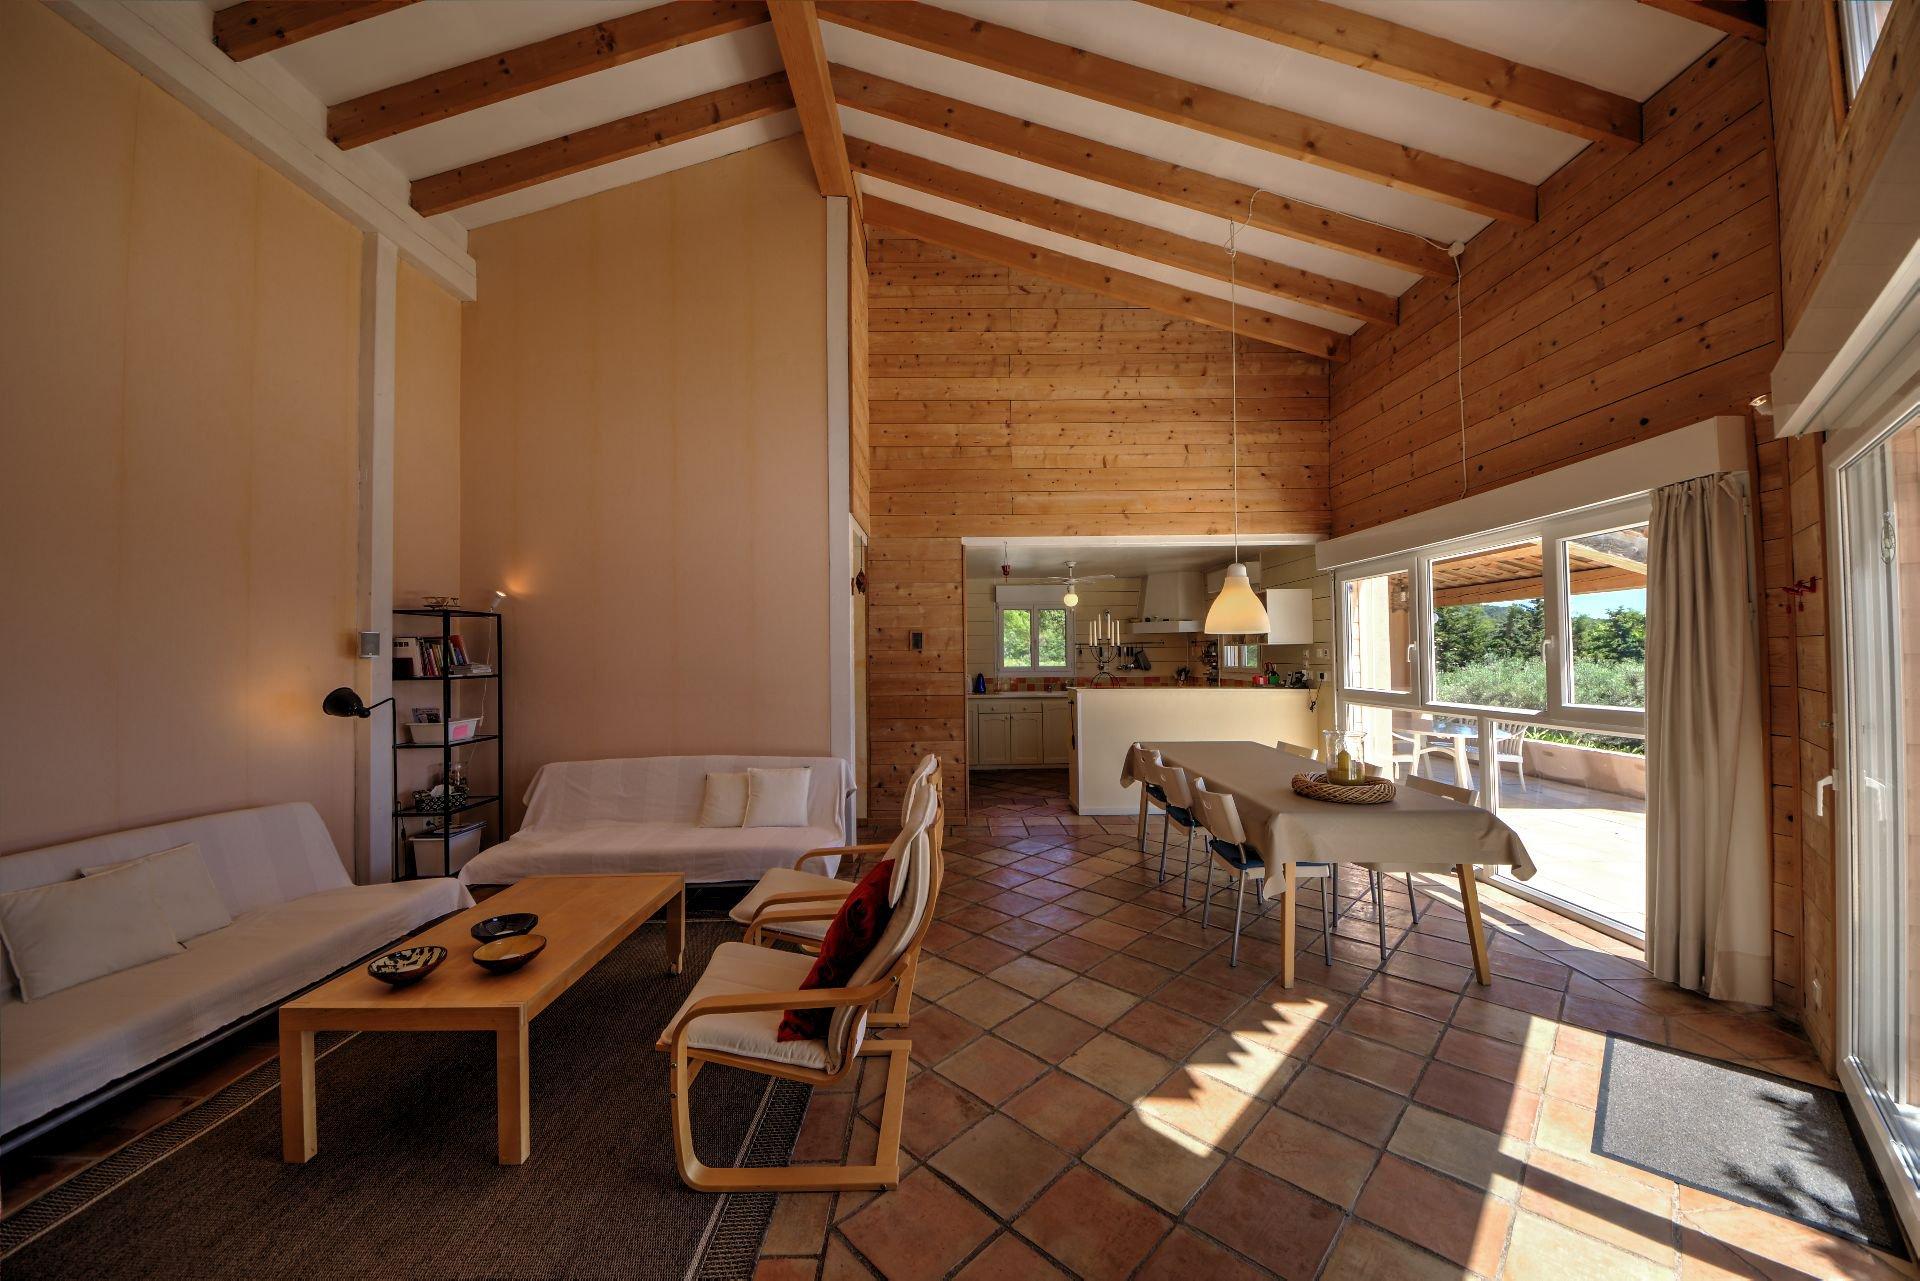 Vue cuisine Salon de Maison à ossature bois HPE, 180 m², 5 ch, piscine, Aups, Var, Provence, Paca